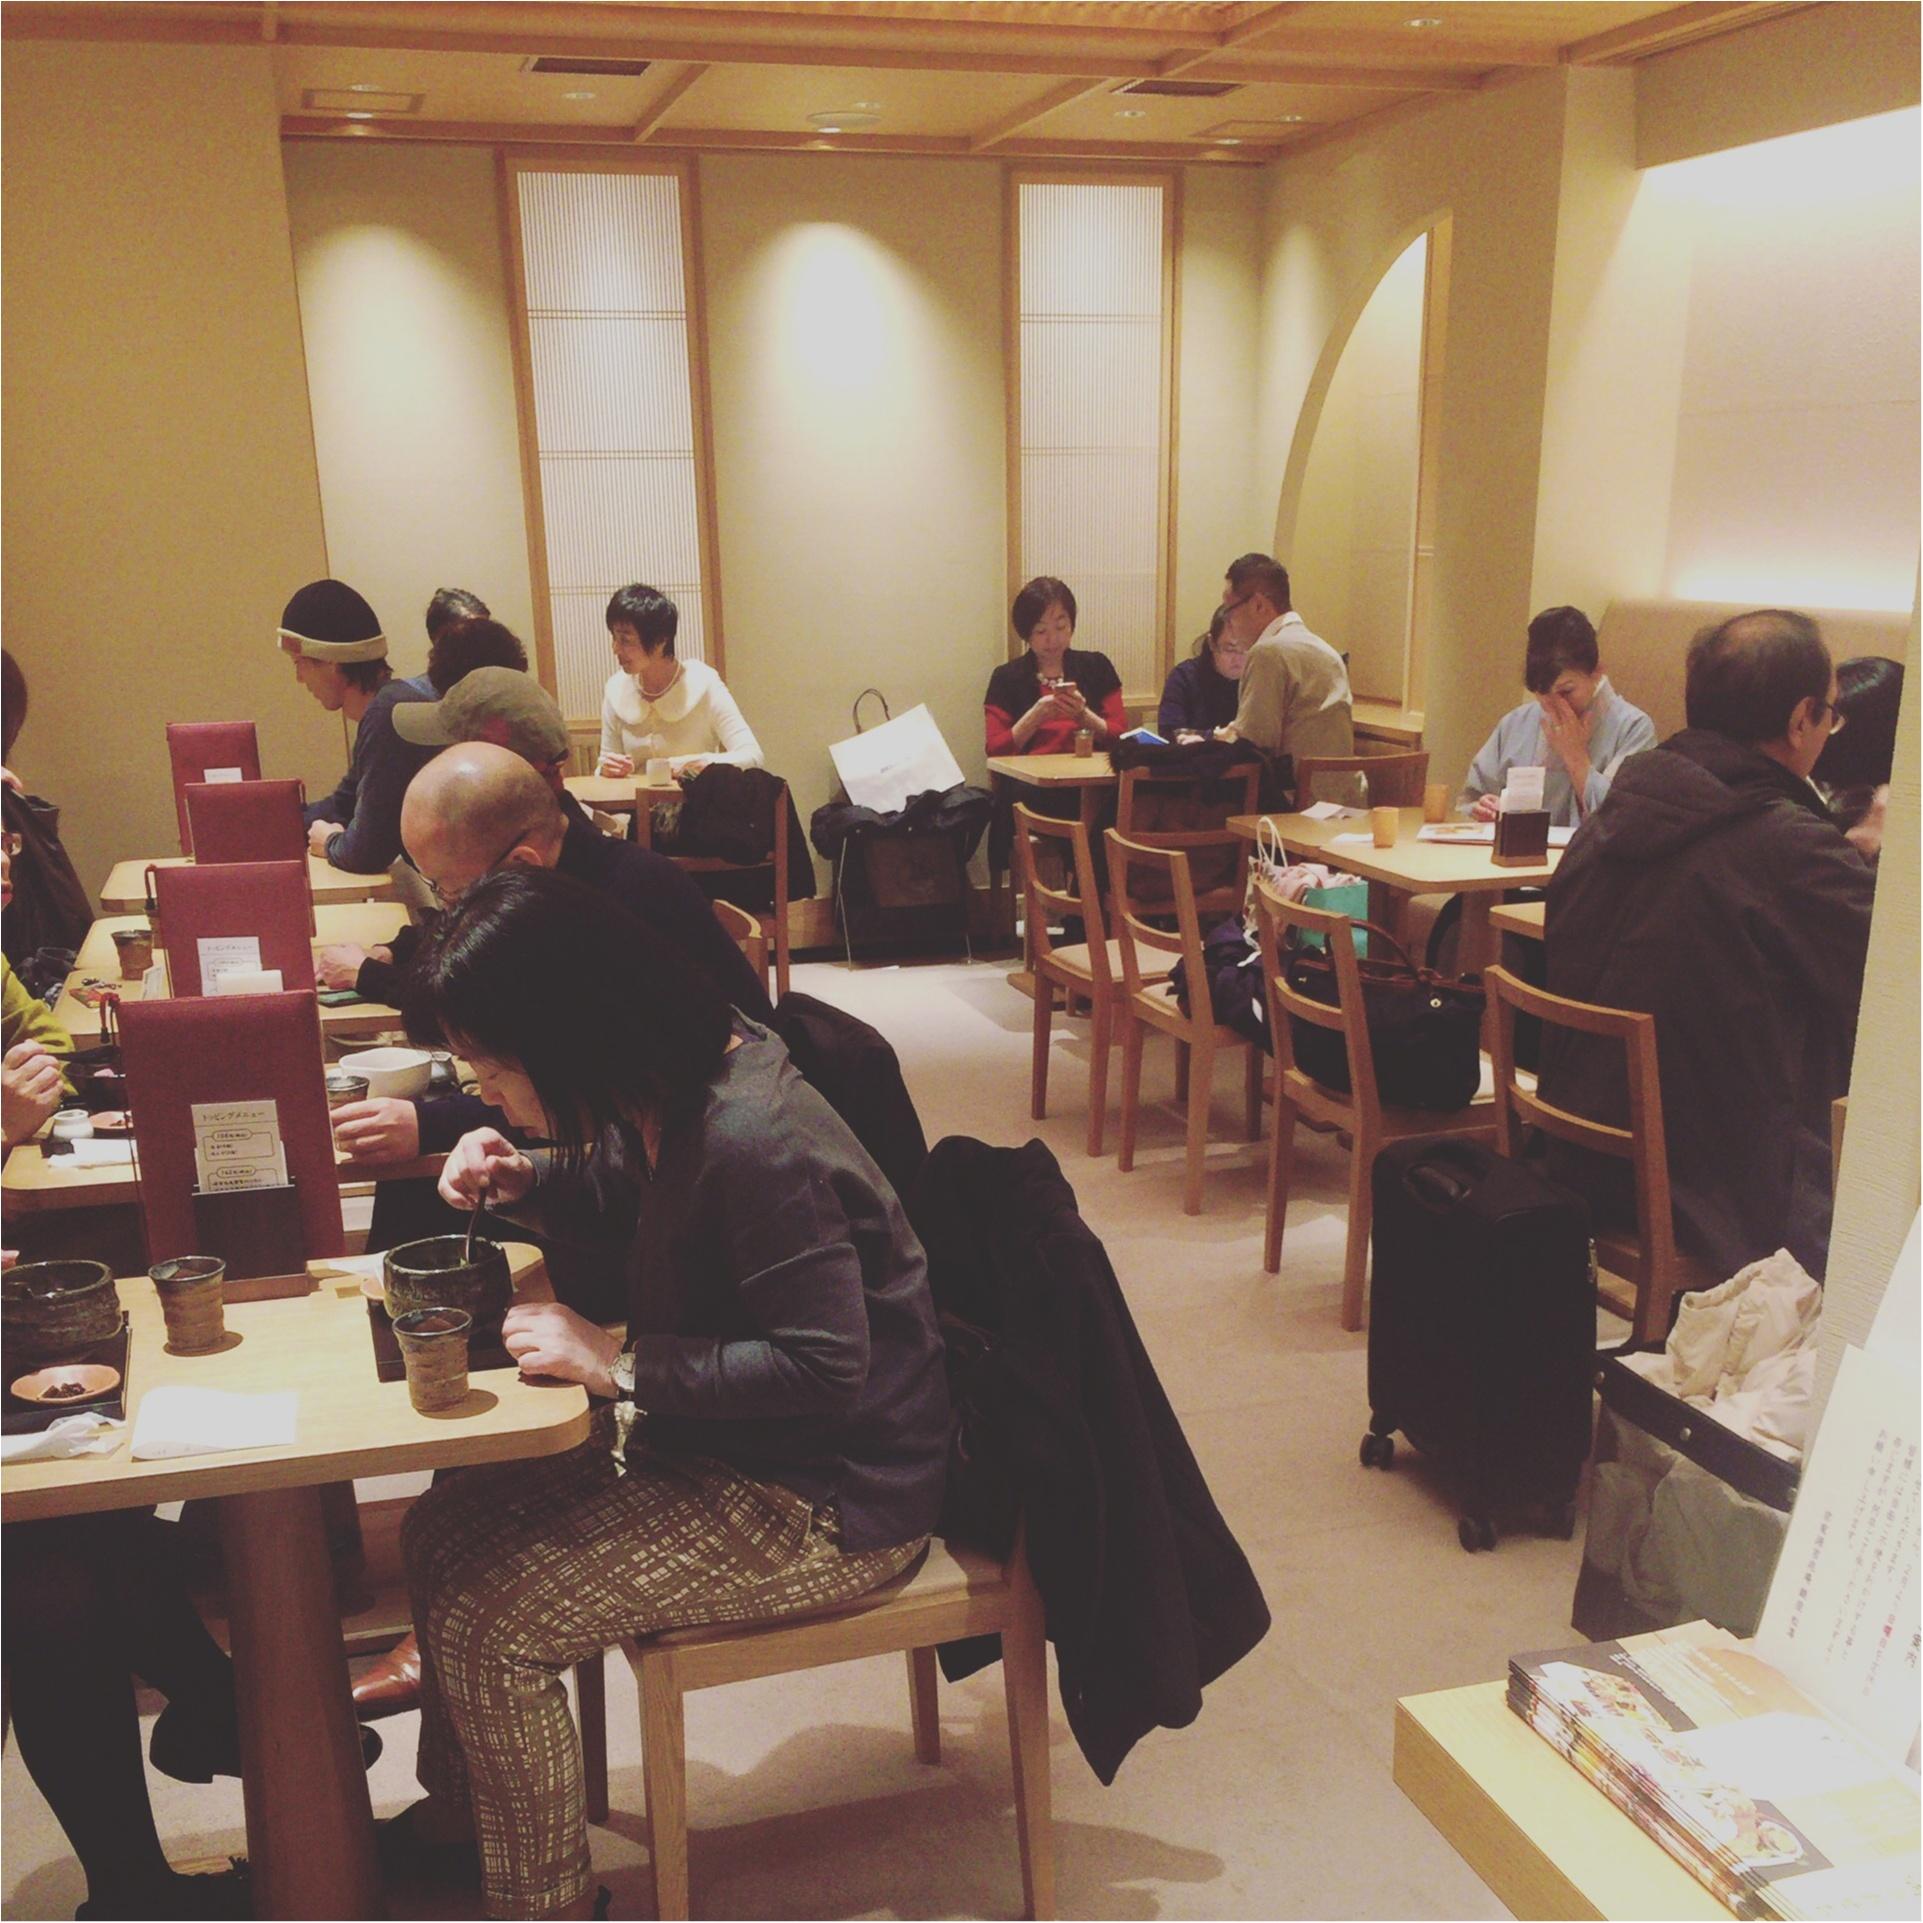 【銀座】和菓子屋「源 吉兆庵」の茶寮があるって知ってる?抹茶ぜんざい♡≪samenyan≫_3